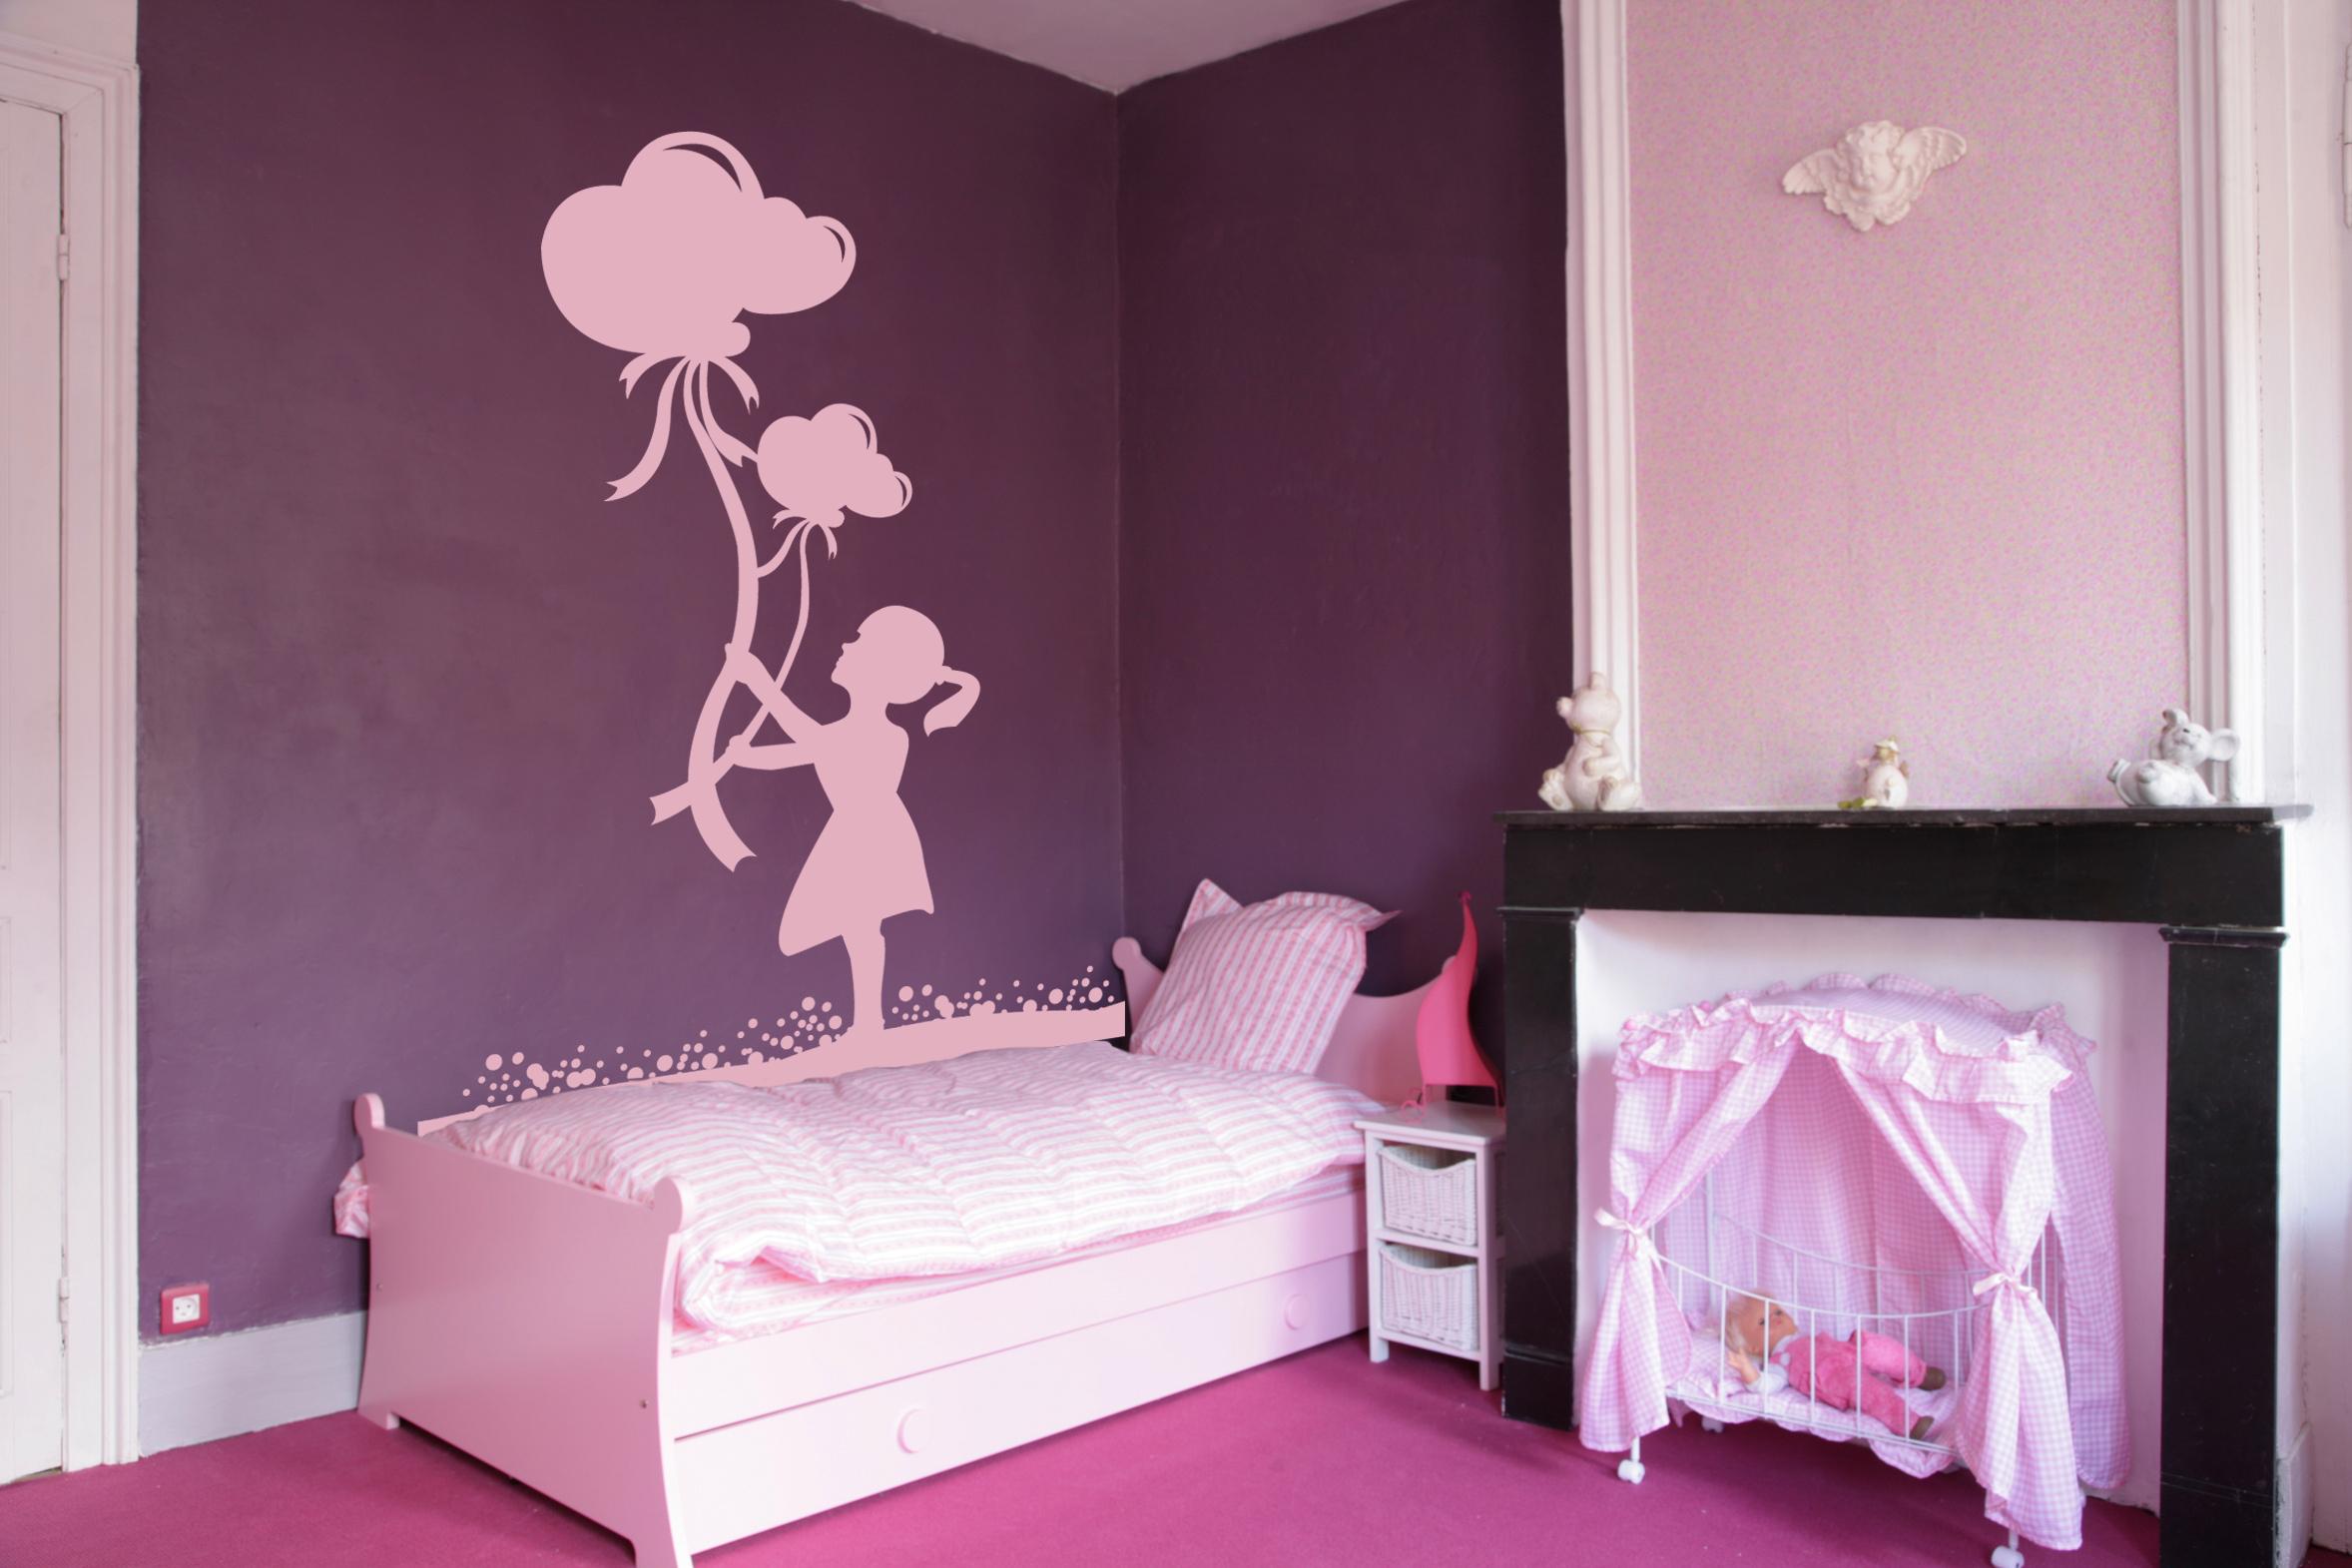 Idee de peinture pour chambre bebe fille - Idées de tricot gratuit